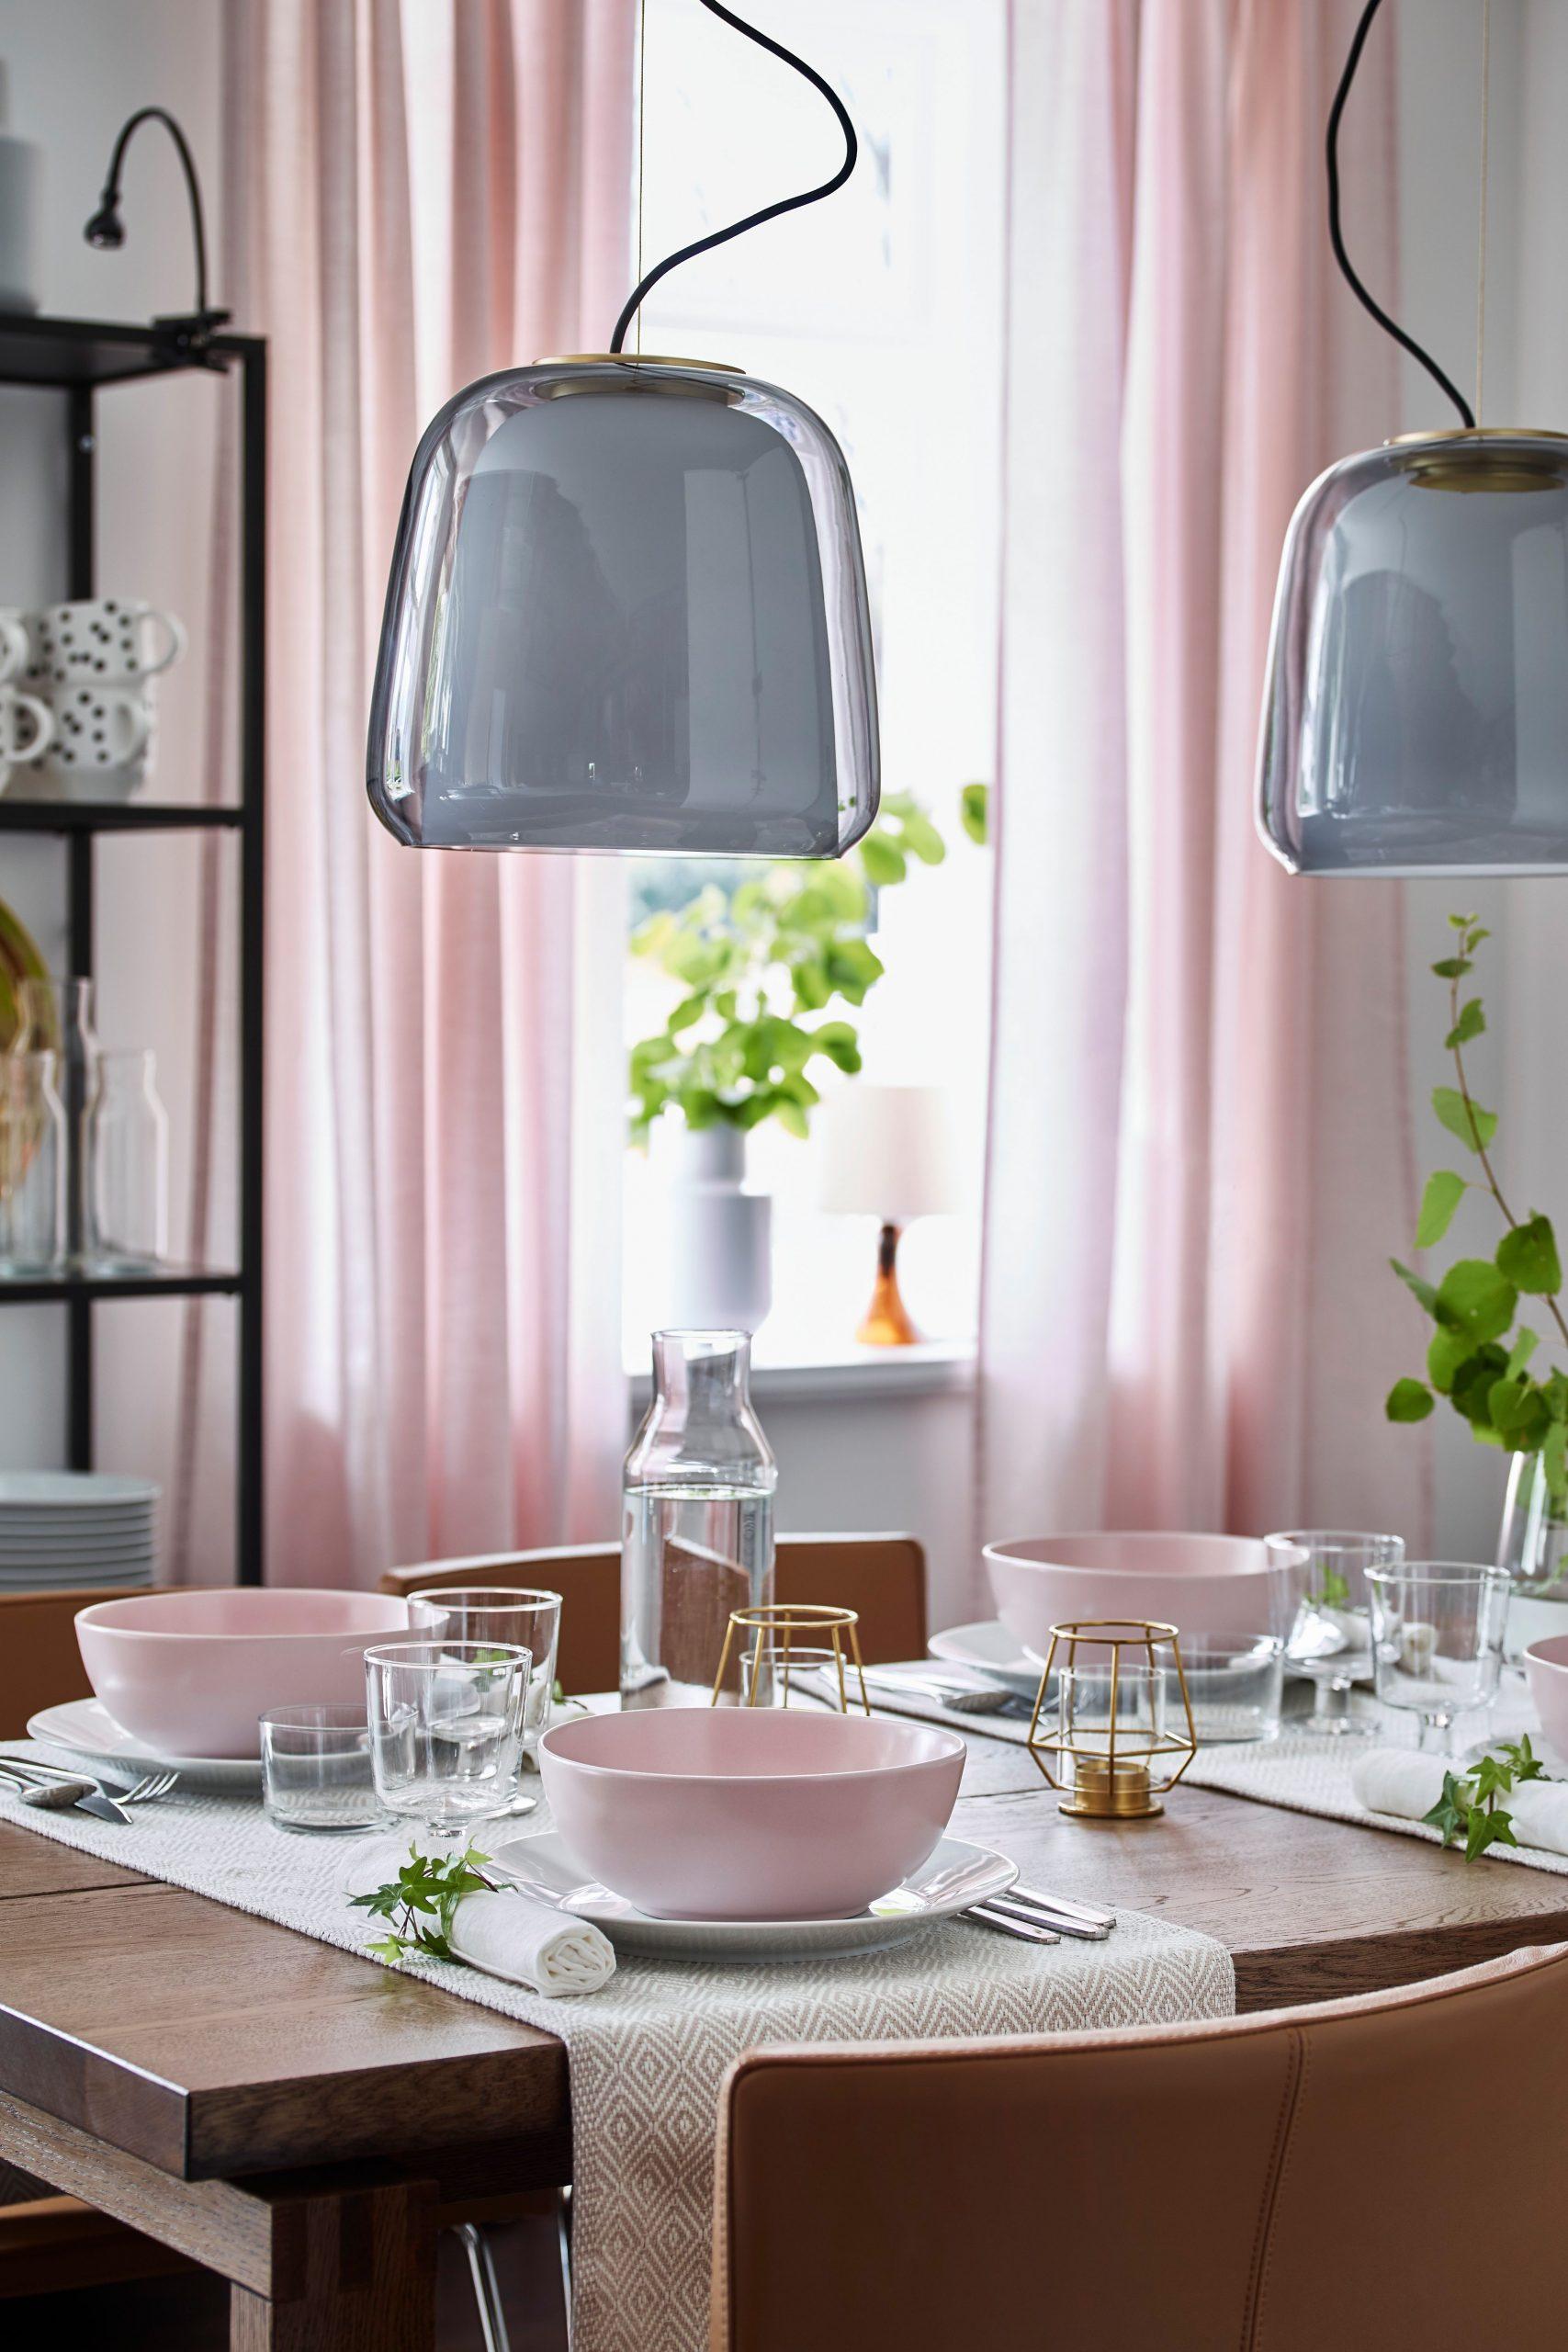 Full Size of Ikea Lampen Evedal Hngeleuchte Grau Deutschland Anhnger Badezimmer Bad Led Designer Esstisch Stehlampen Wohnzimmer Modulküche Deckenlampen Schlafzimmer Küche Wohnzimmer Ikea Lampen